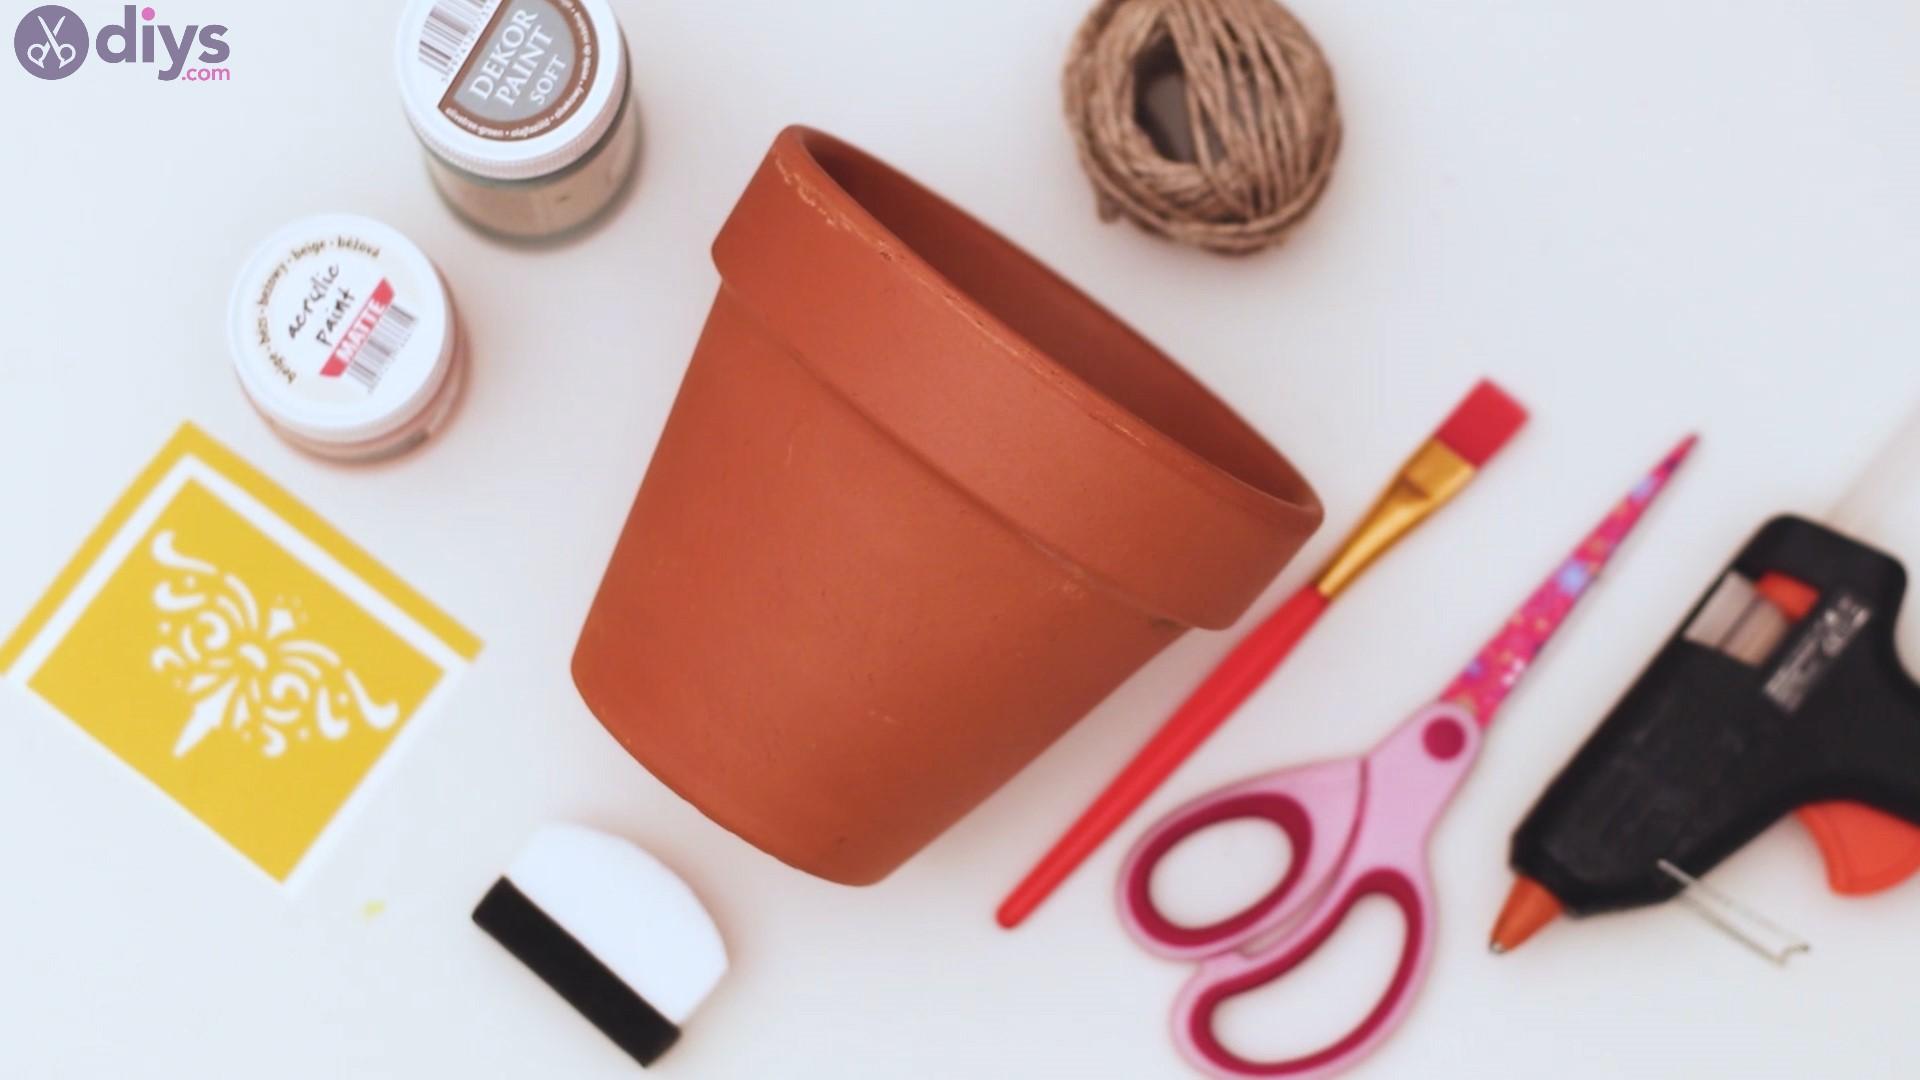 Rustic painted pot materials